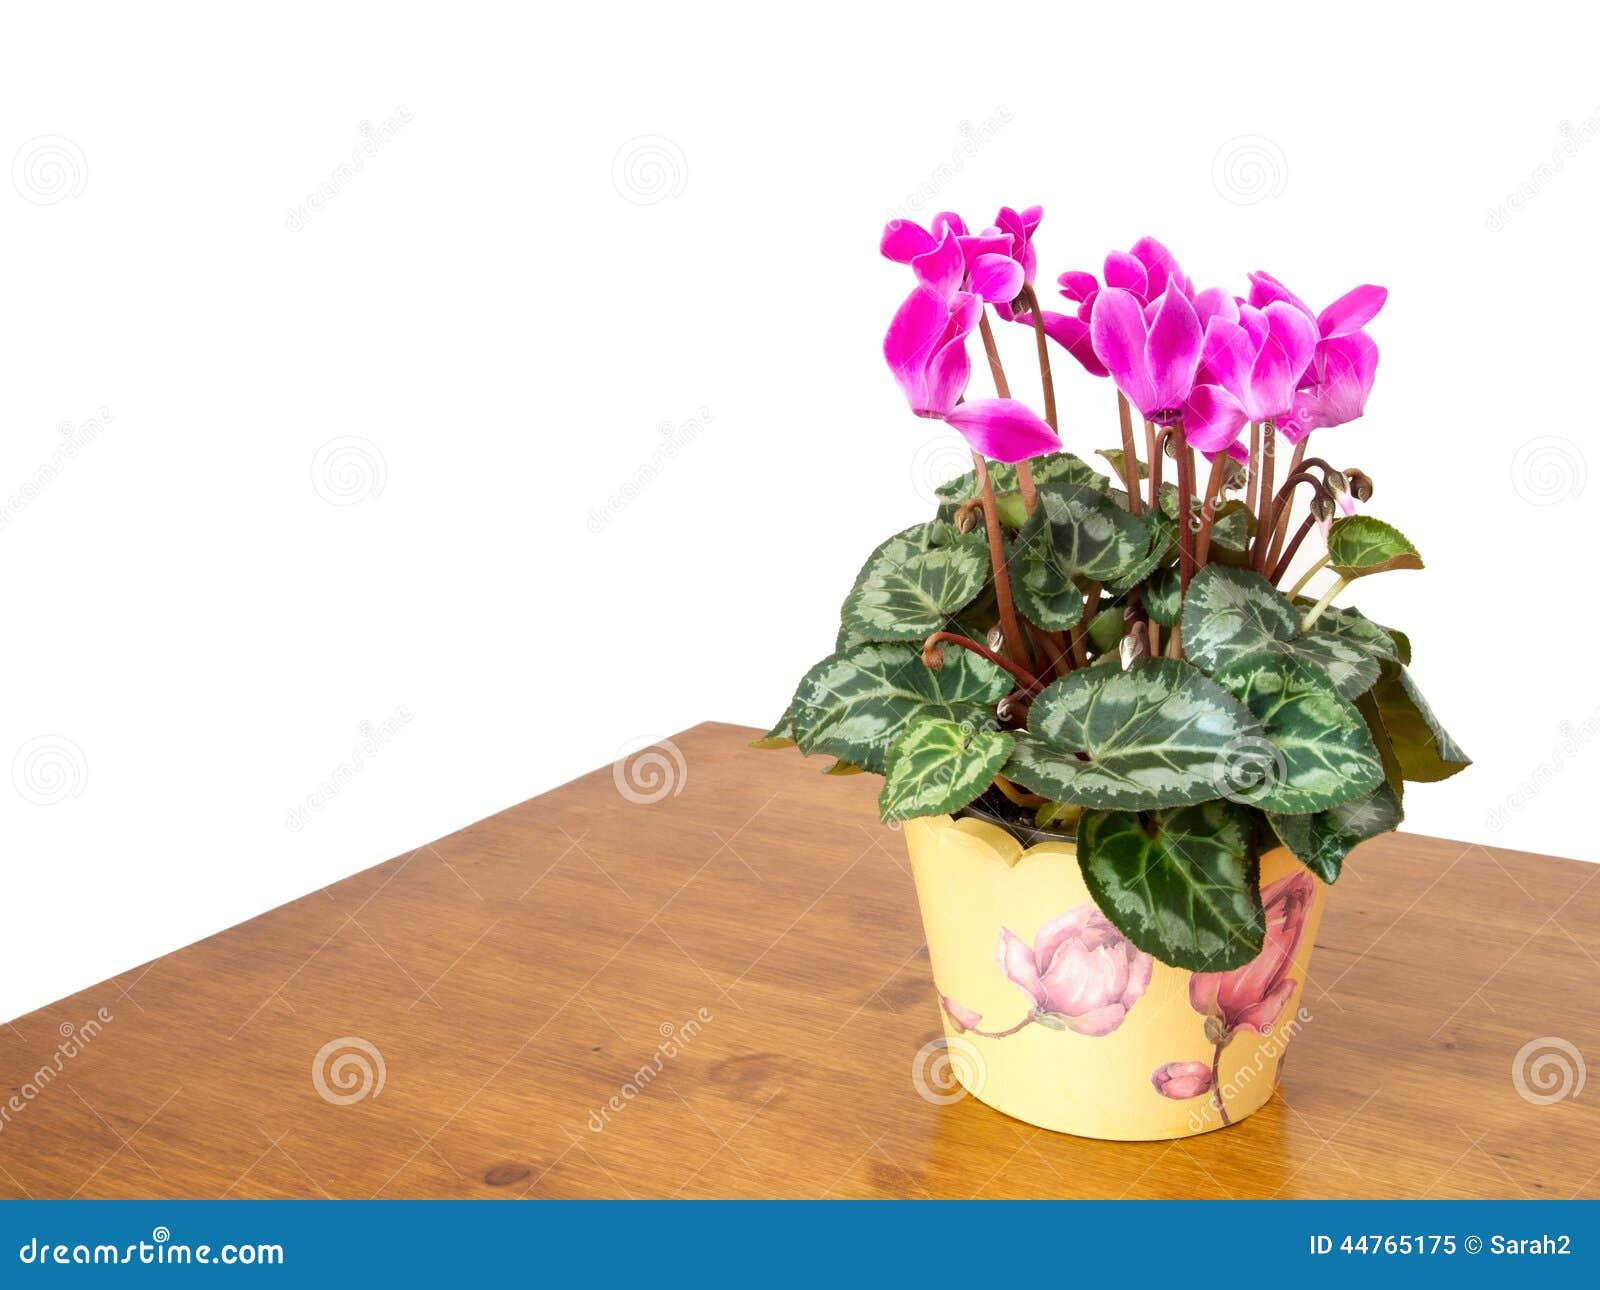 Piante Da Appartamento Con Fiore Rosa.Pianta Da Appartamento Con I Fiori Rosa Regolazione Domestica